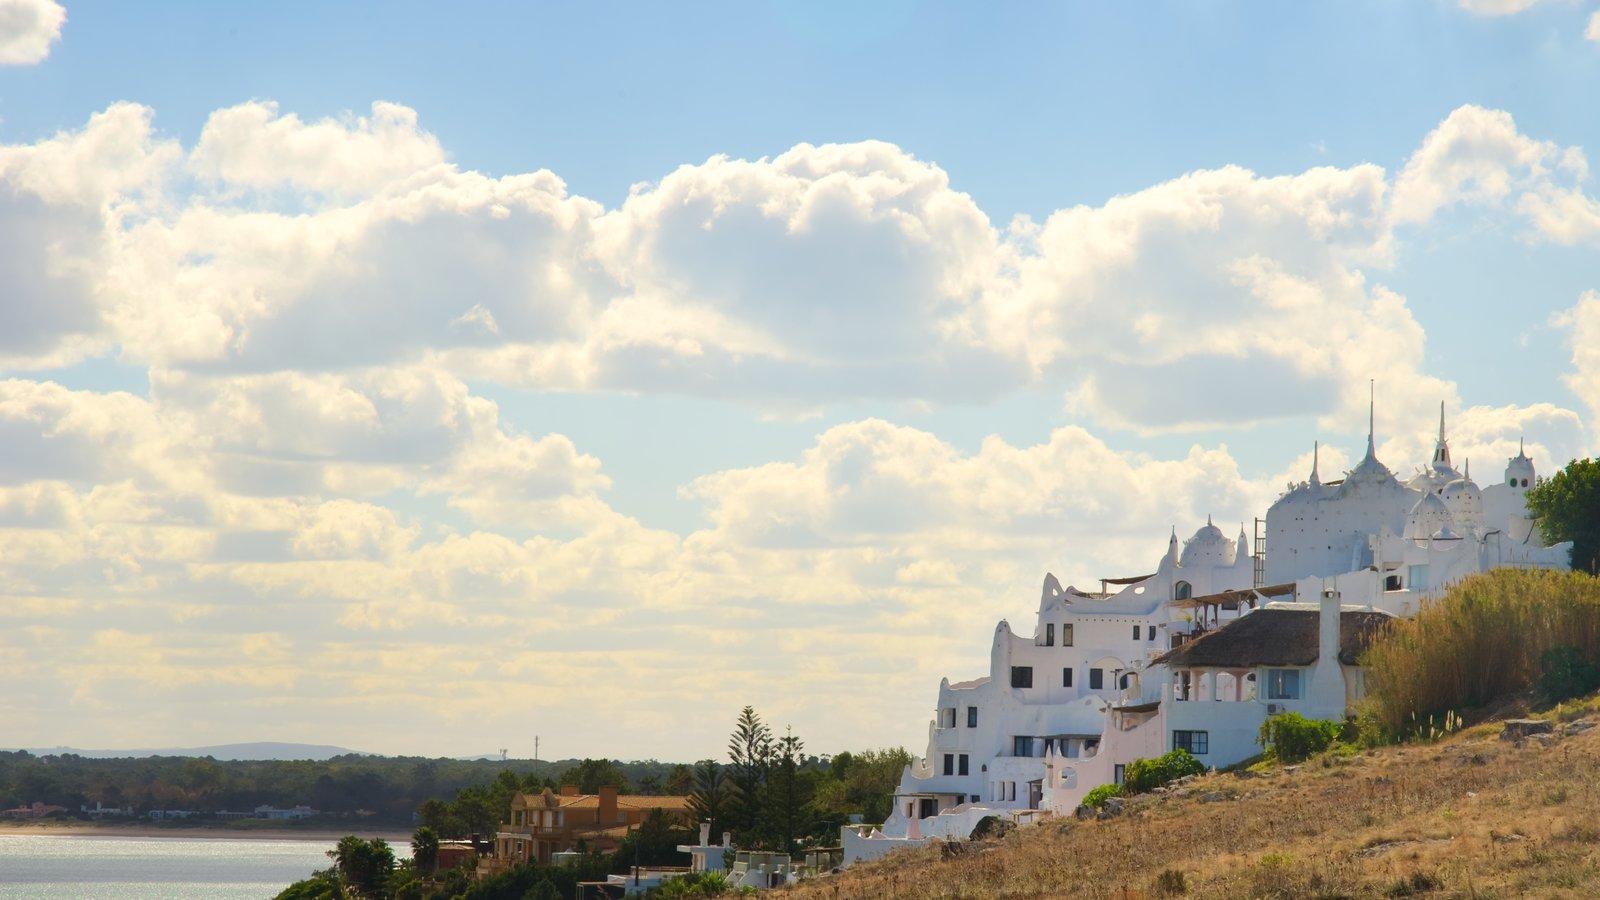 Punta Ballena mostrando uma cidade litorânea e arquitetura de patrimônio